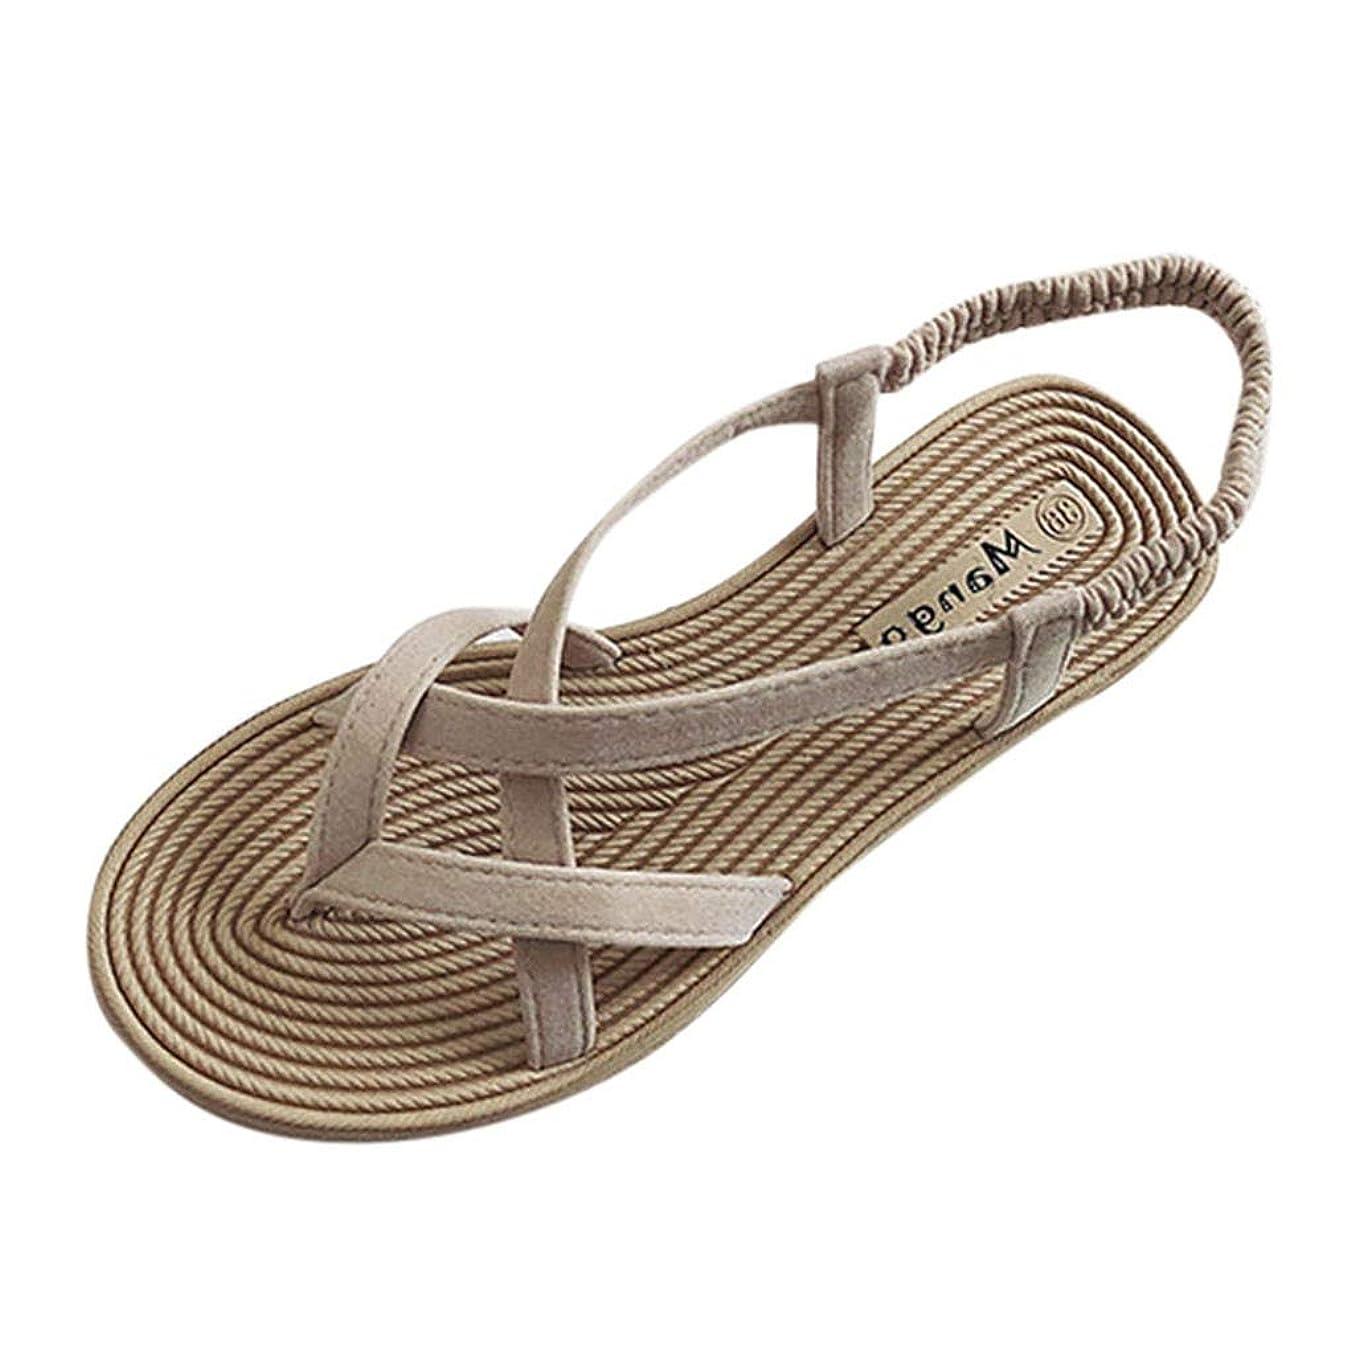 ドアミラーまだら喜んでサンダル liqiuxiang レディース 軽い Comfort フラットシューズ レディ オープントゥ デザイン性 アンクルストラップ サマーシューズ 女性 レジャー 通気性 軽量 靴 海 夏